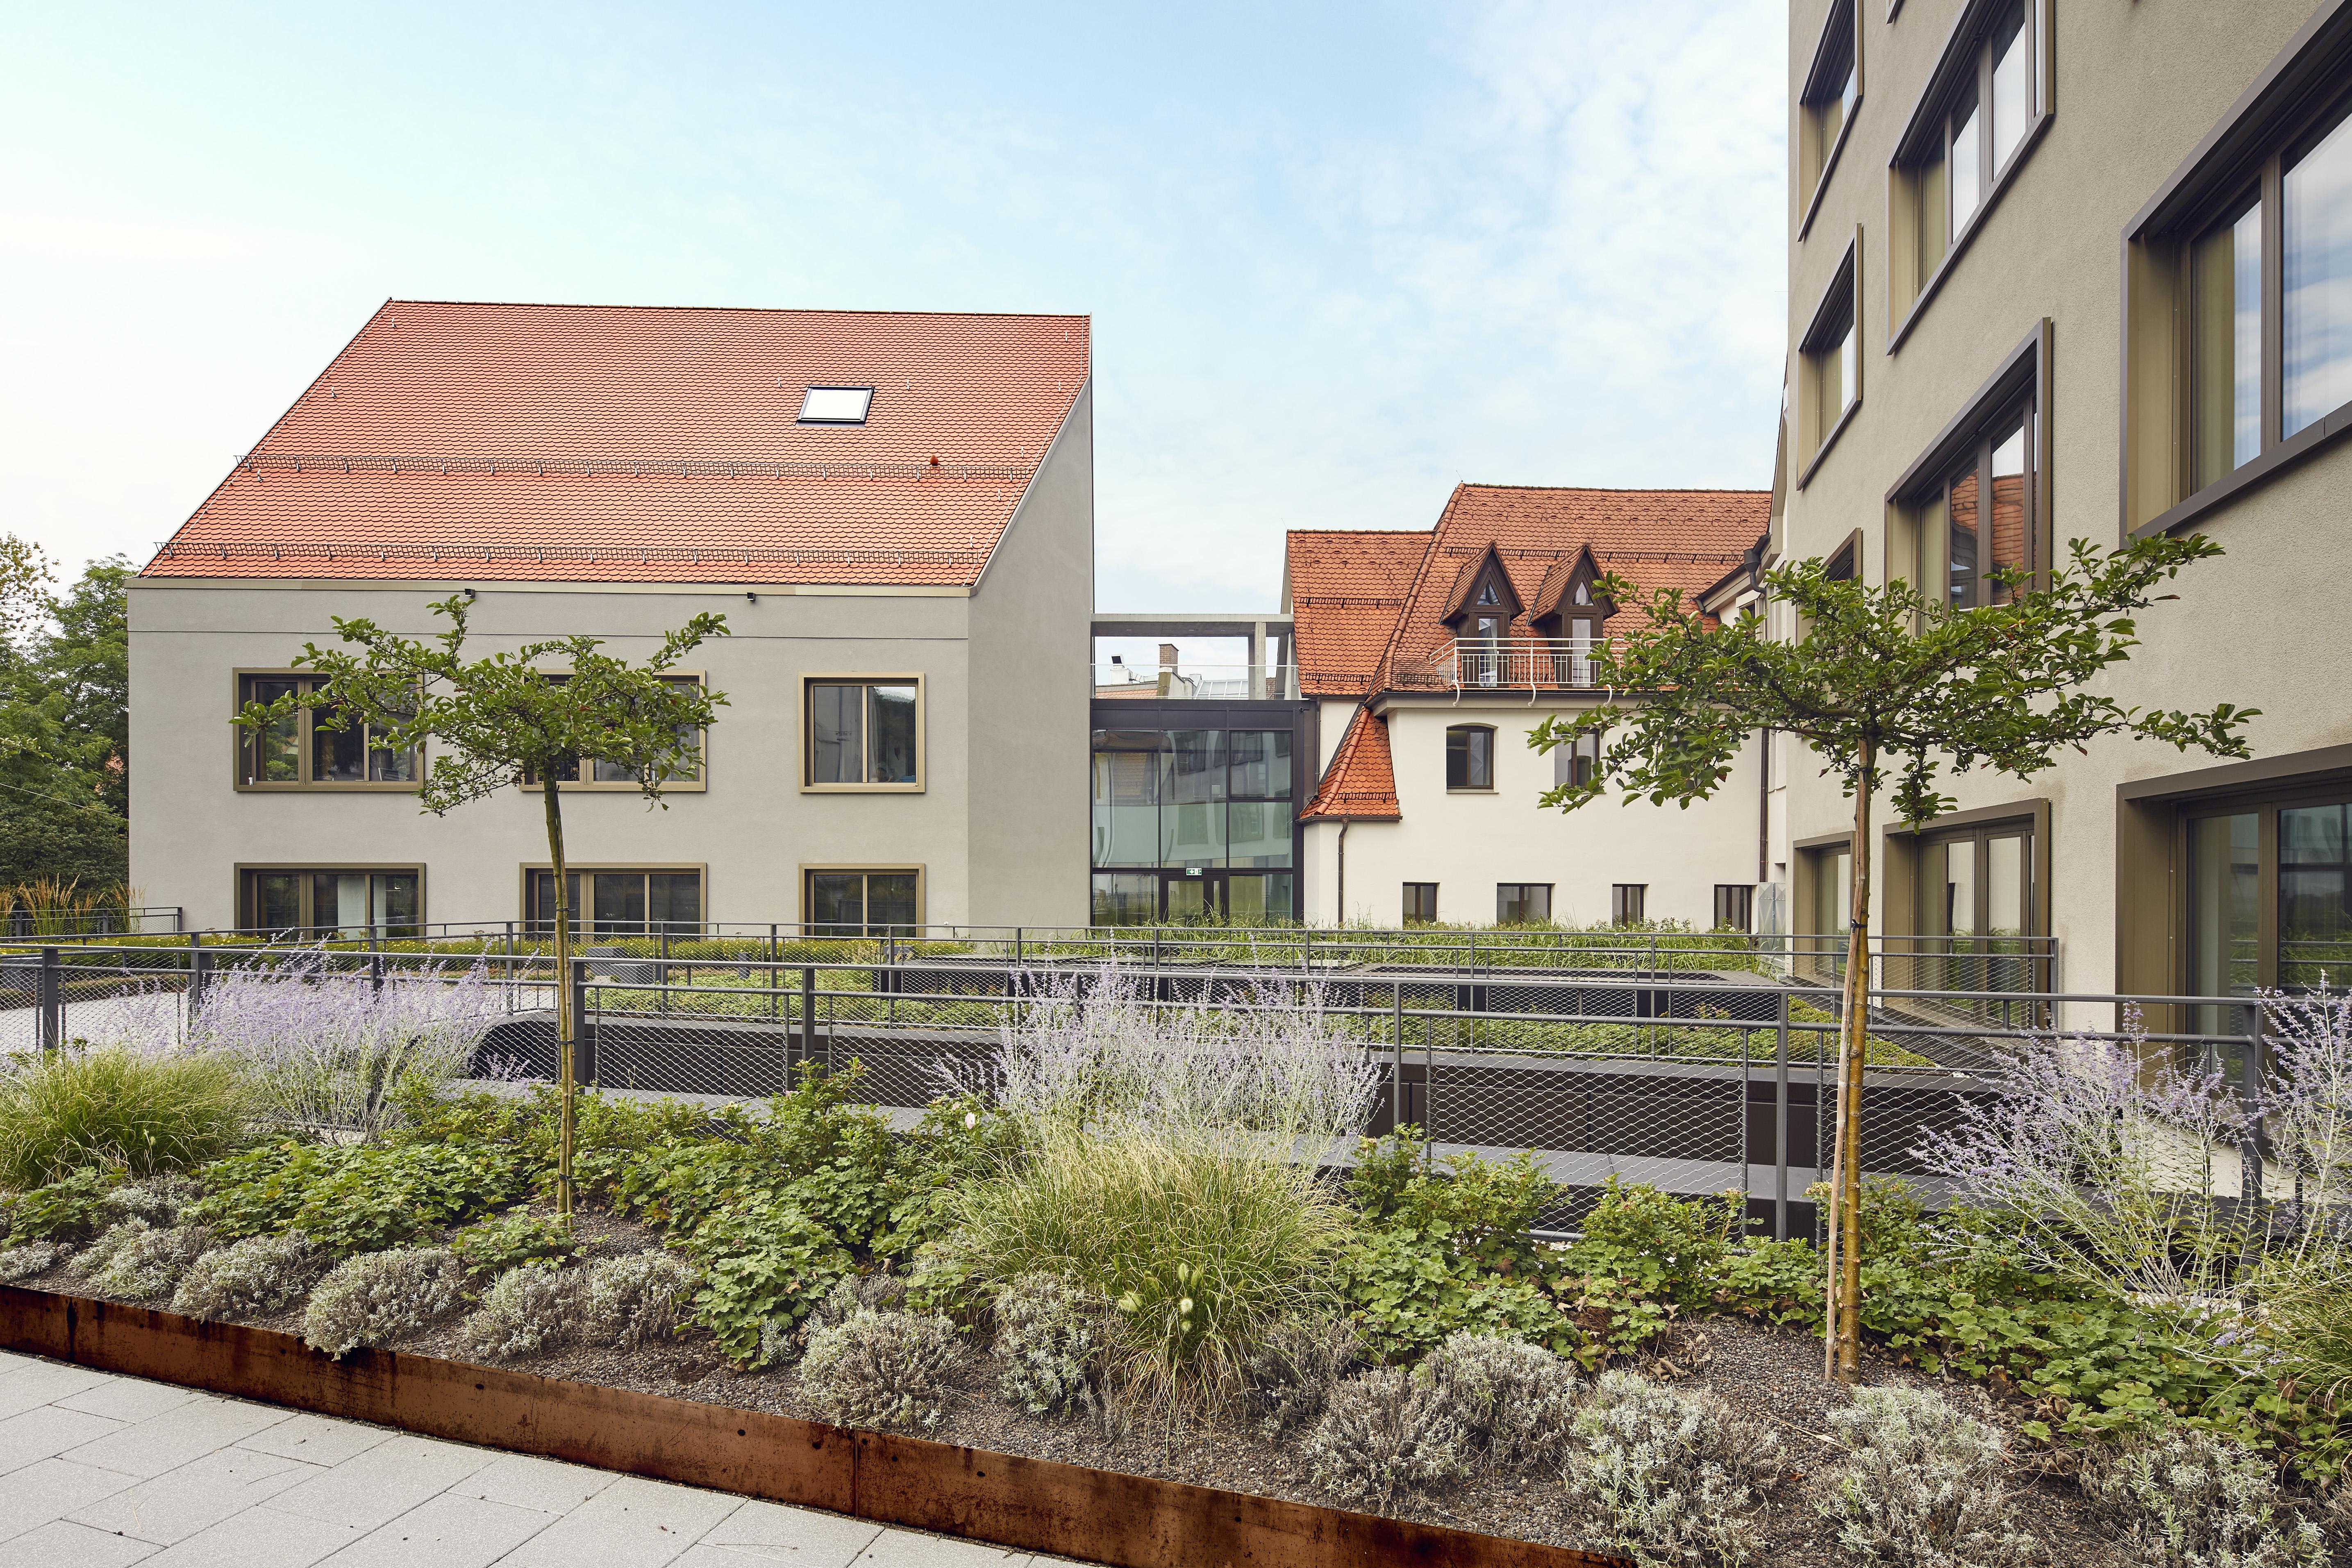 Kreissparkasse t bingen danner yildiz architekten - Architekten tubingen ...